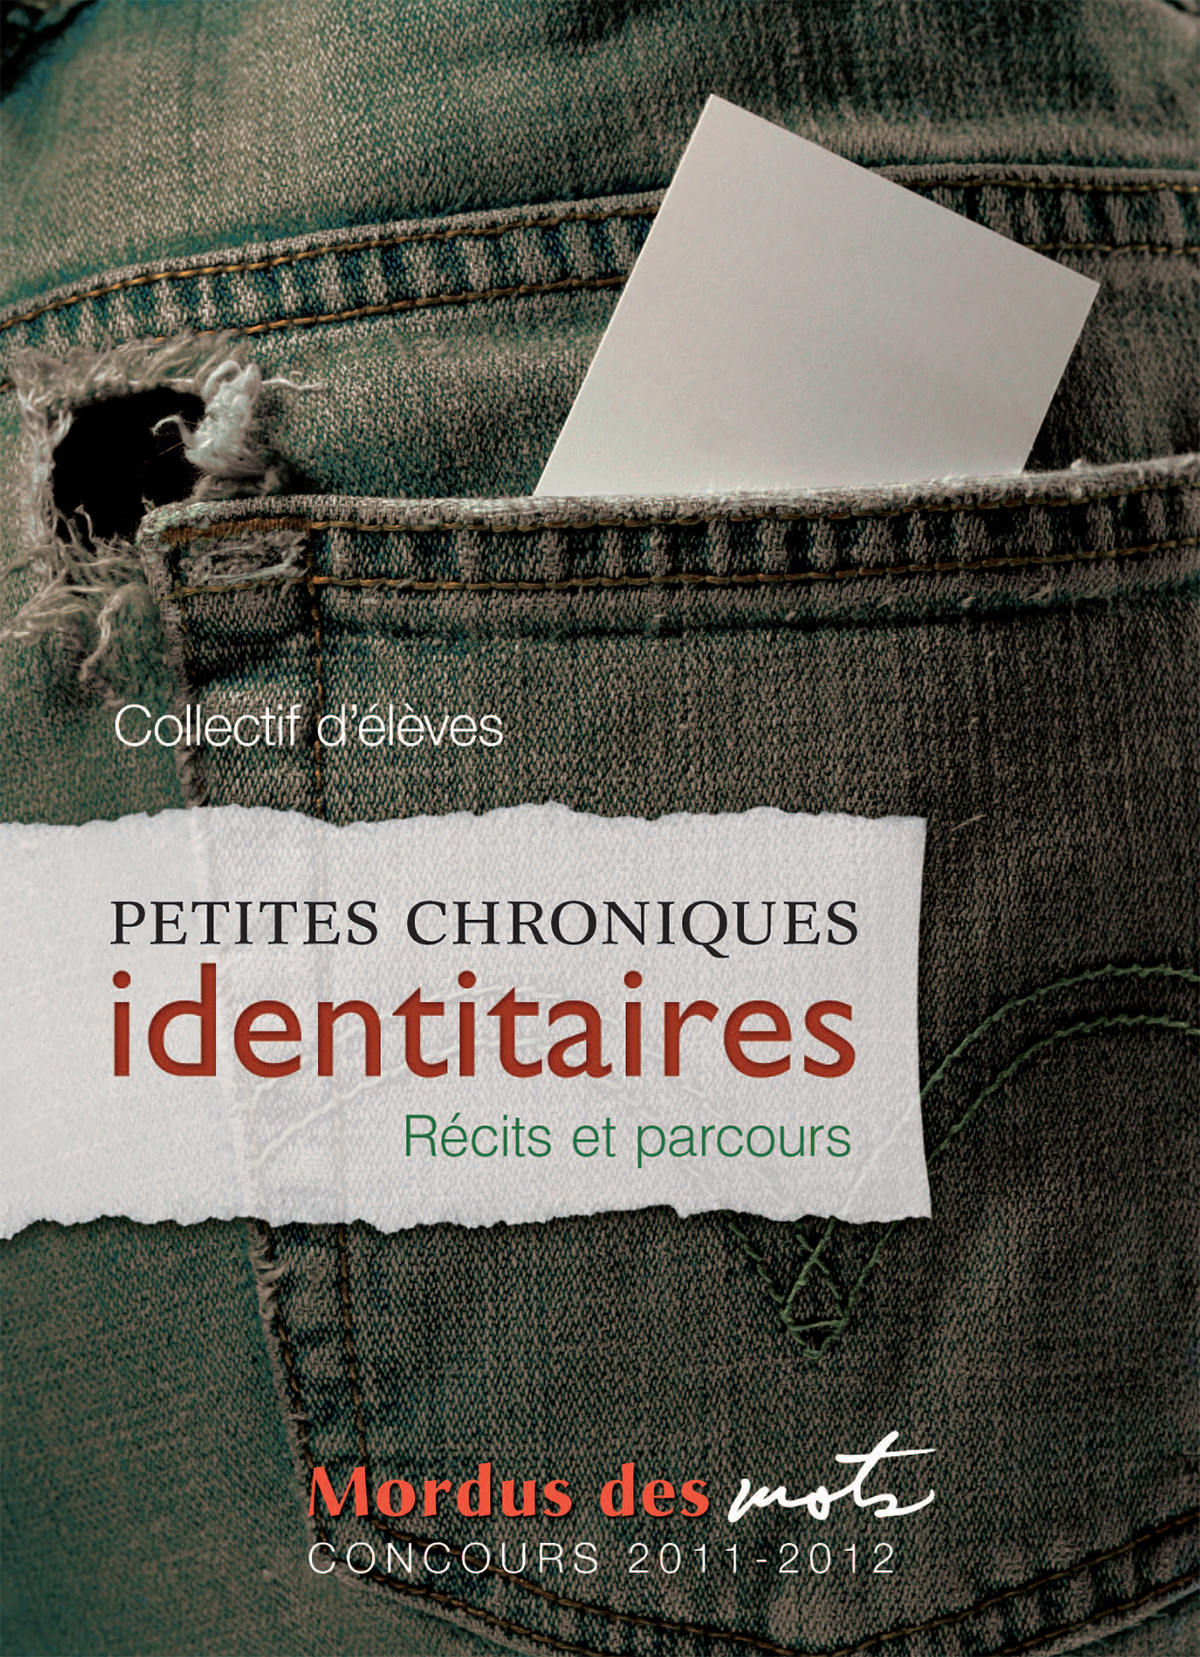 Petites chroniques identita...